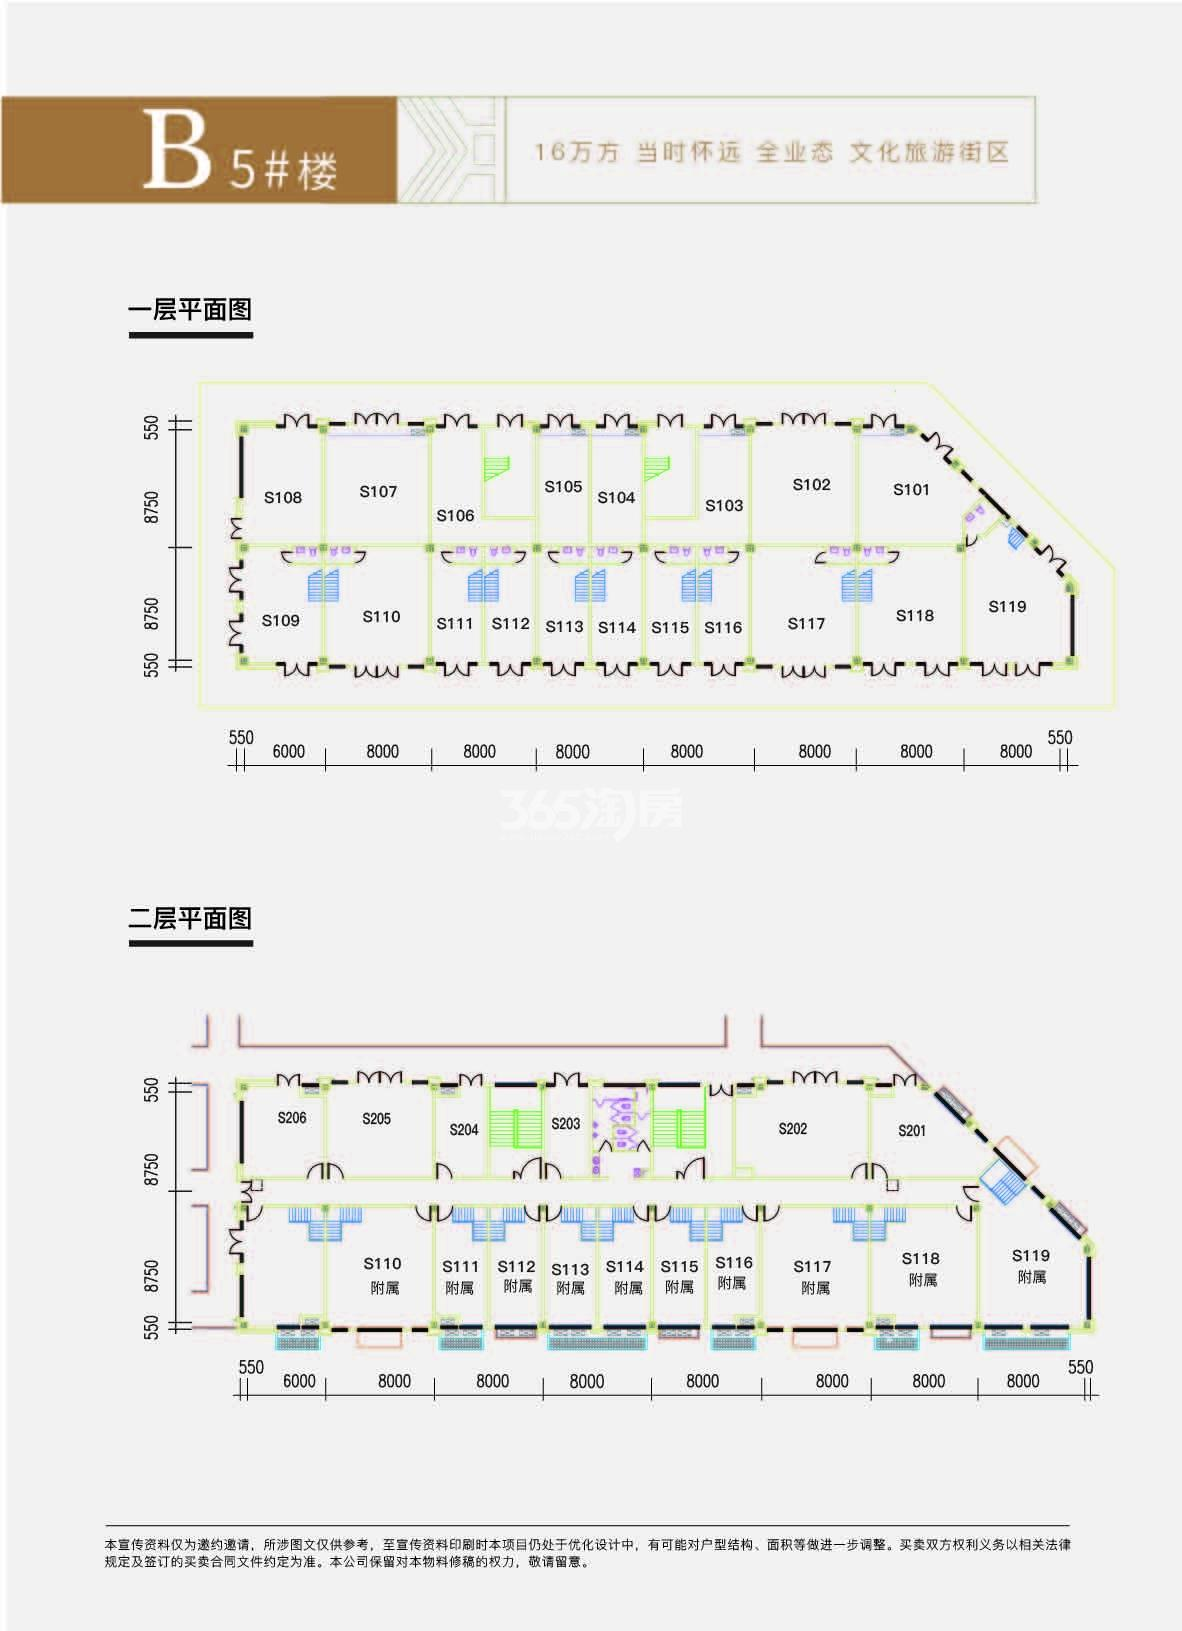 大禹九州里 B5#楼商铺楼整栋户型